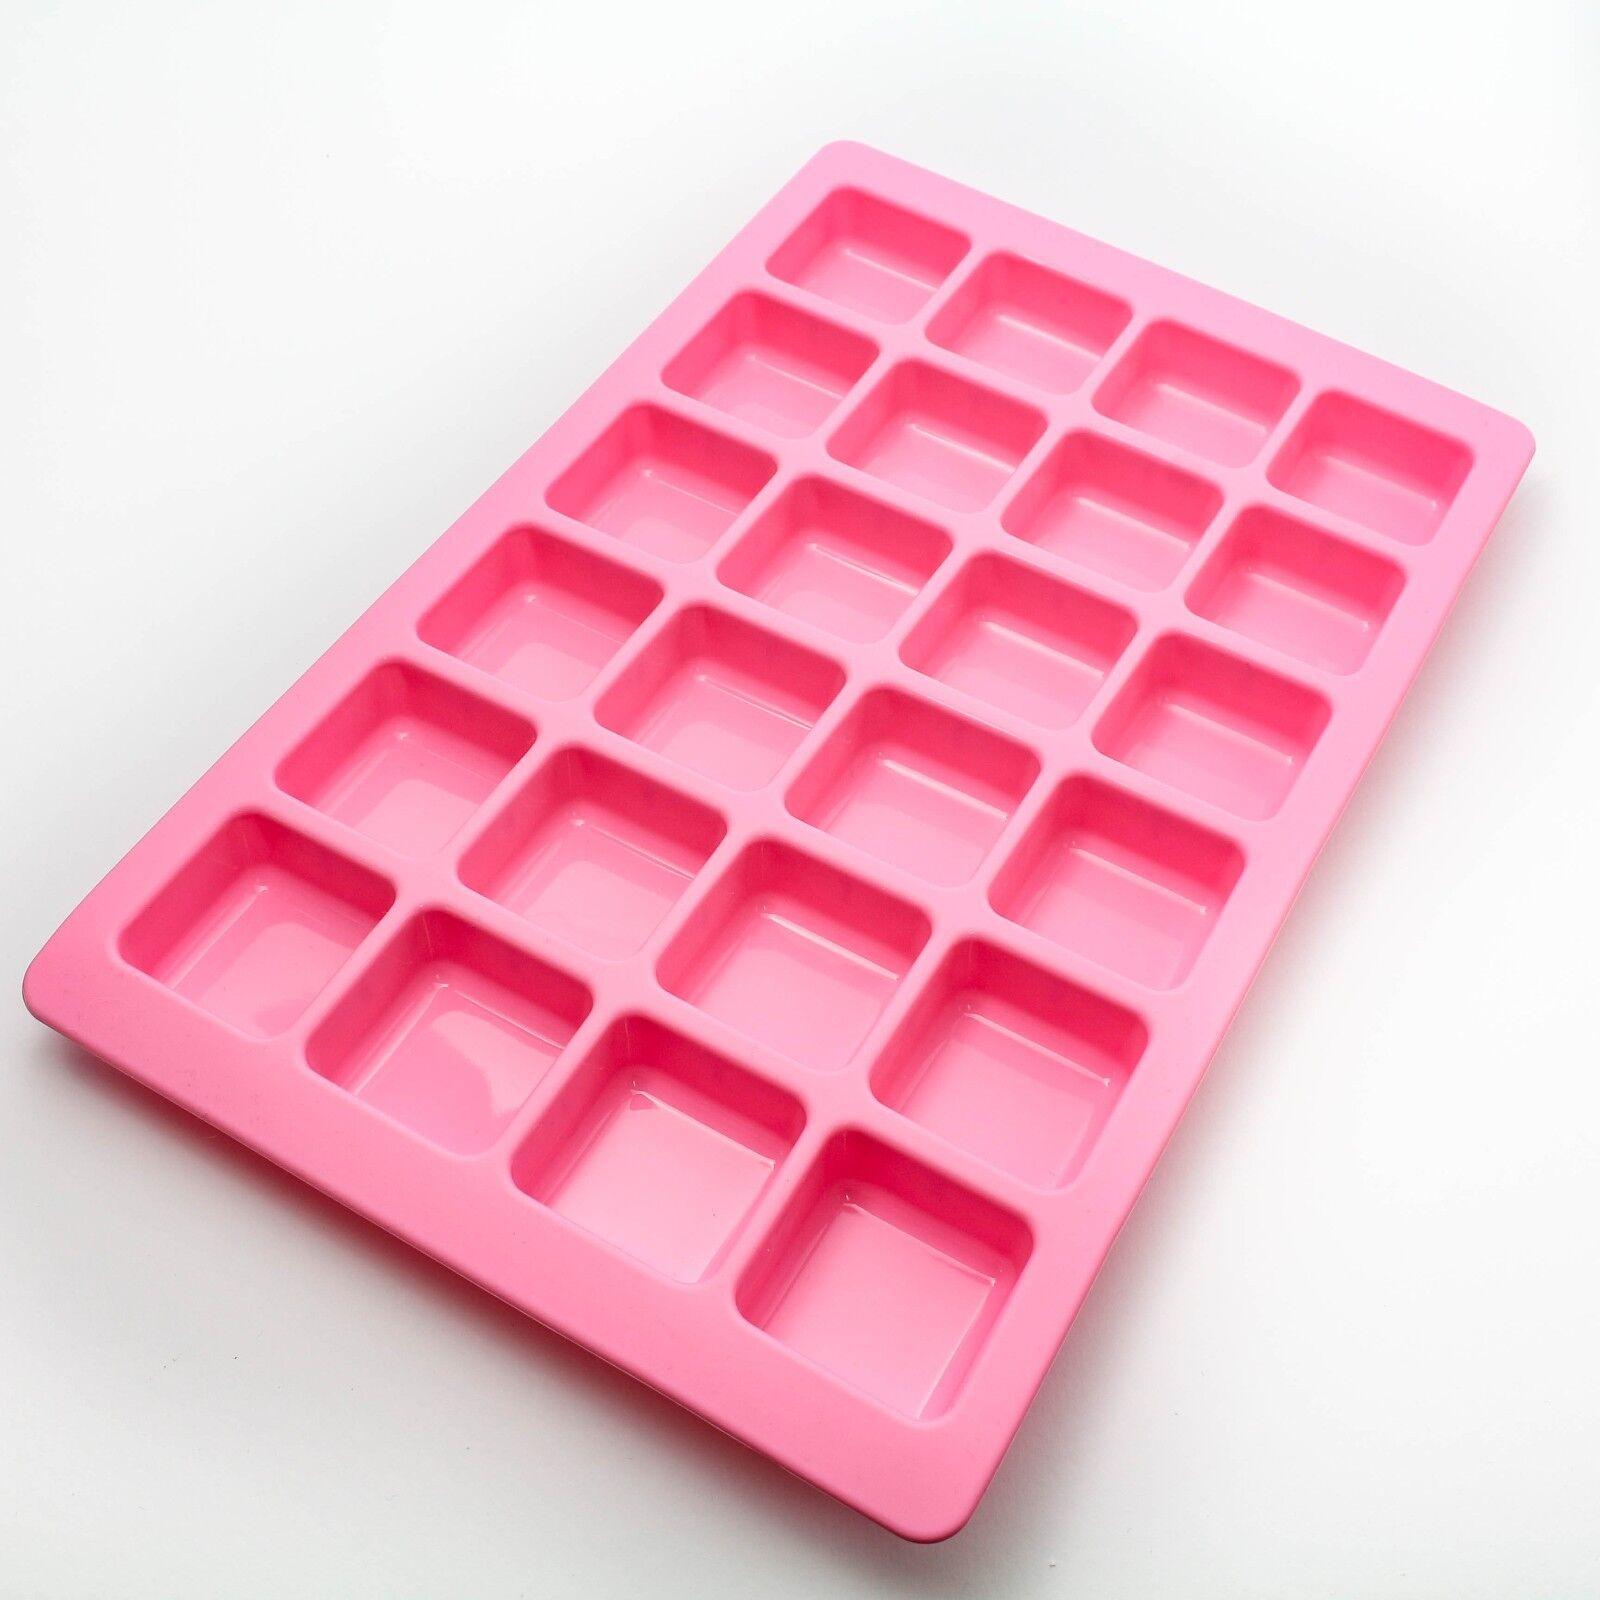 Silikon Backform für 24 Minikuchen - Minitörtchen Muffinform Eis Kuchen Backen